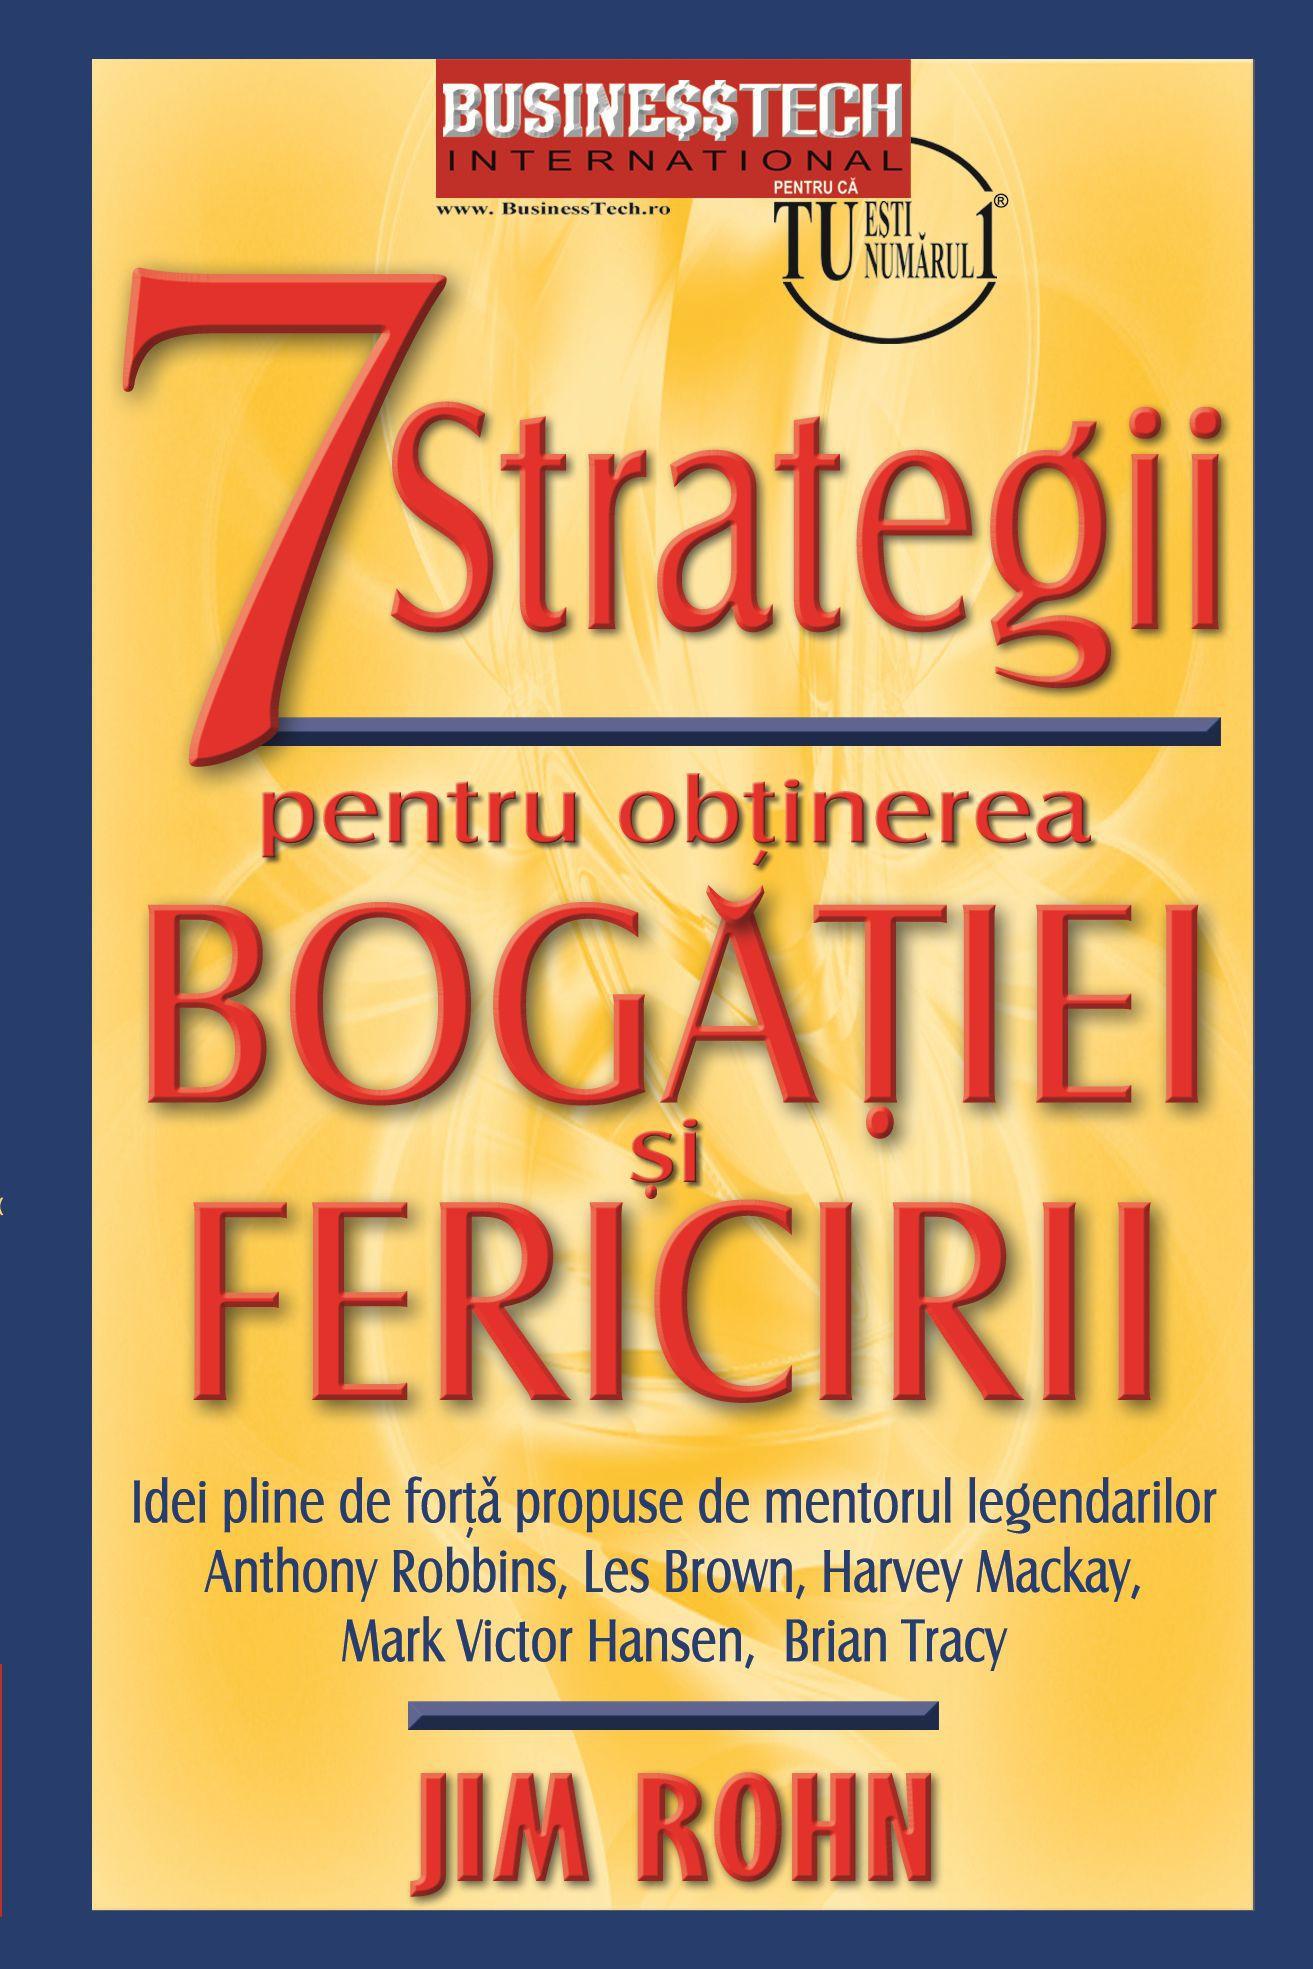 7 Strategii Pentru Obtinerea Bogatiei